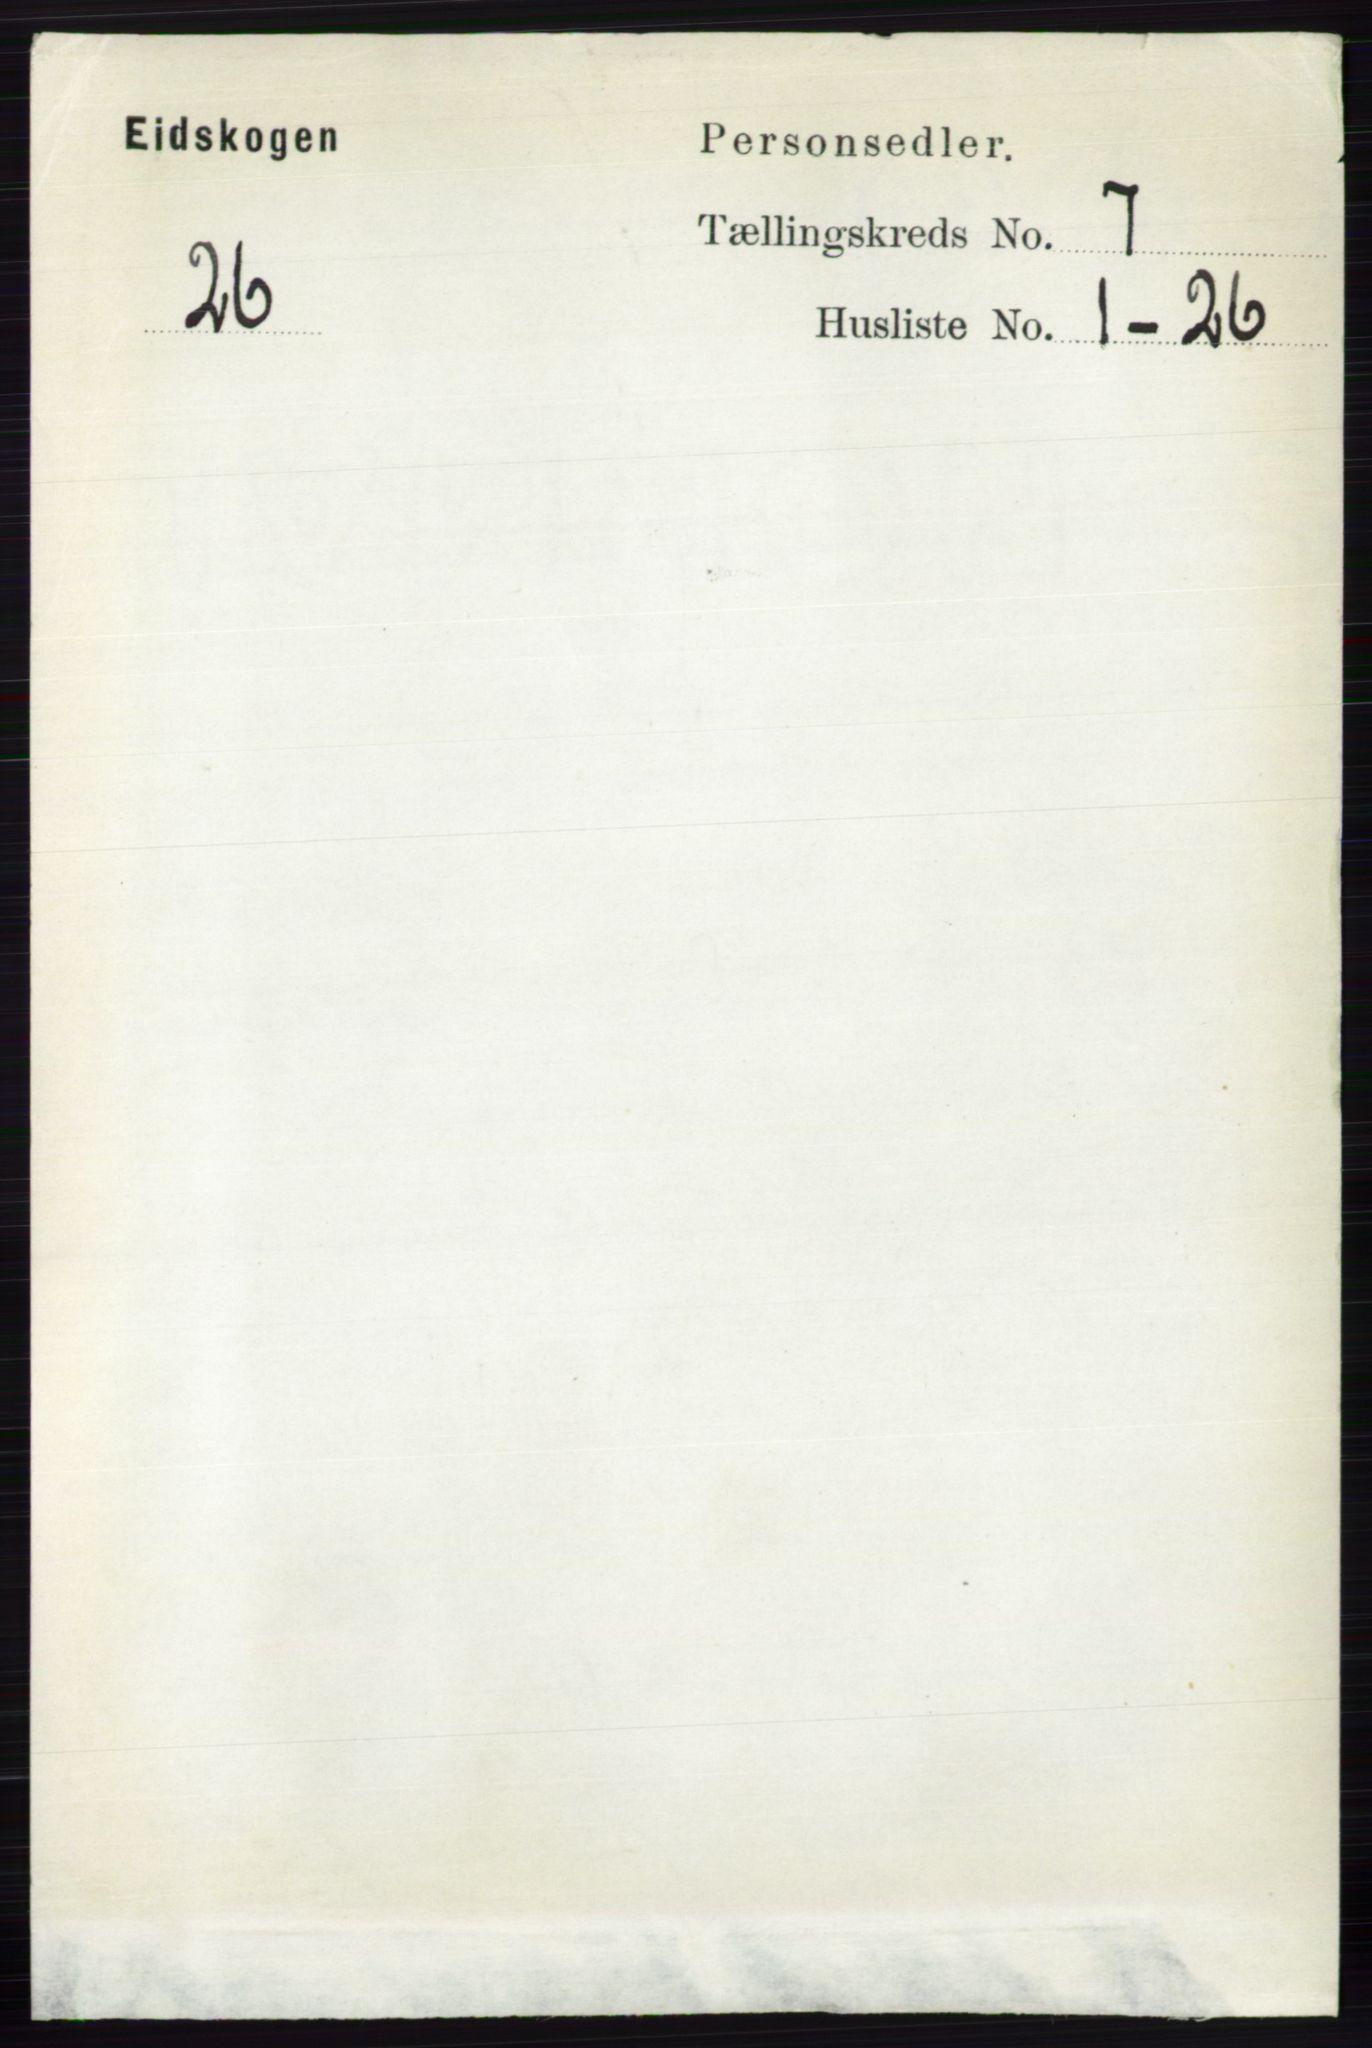 RA, Folketelling 1891 for 0420 Eidskog herred, 1891, s. 3675